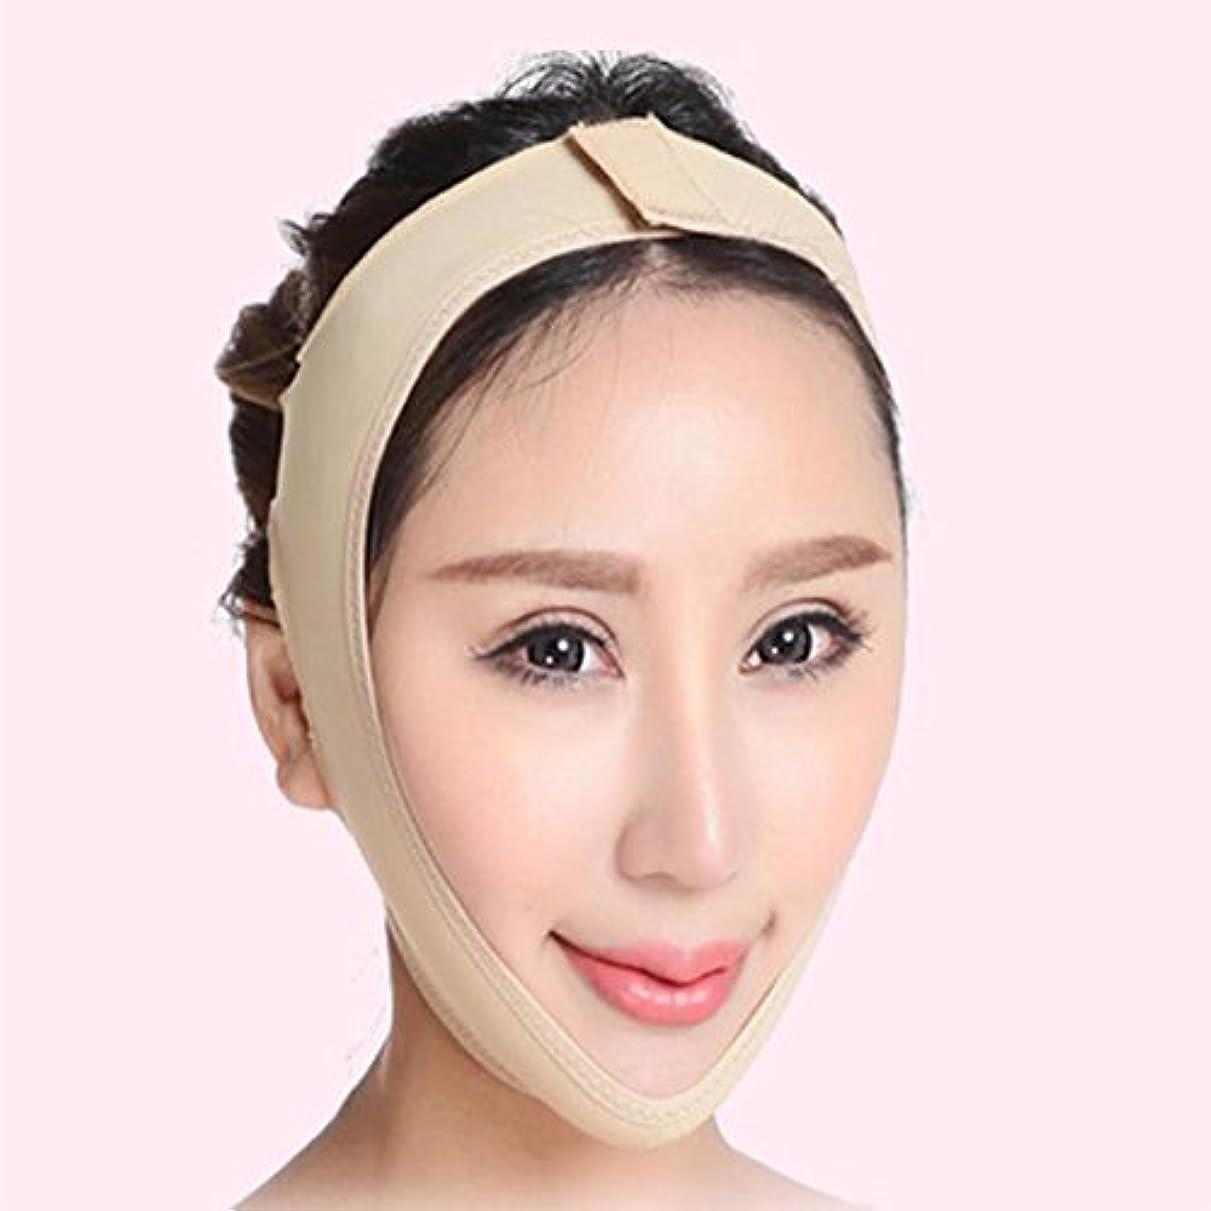 ずんぐりしたメーター腐食する1stモール 小顔 小顔マスク リフトアップ マスク フェイスライン 矯正 あご シャープ メンズ レディース Mサイズ ST-AZD15003-M